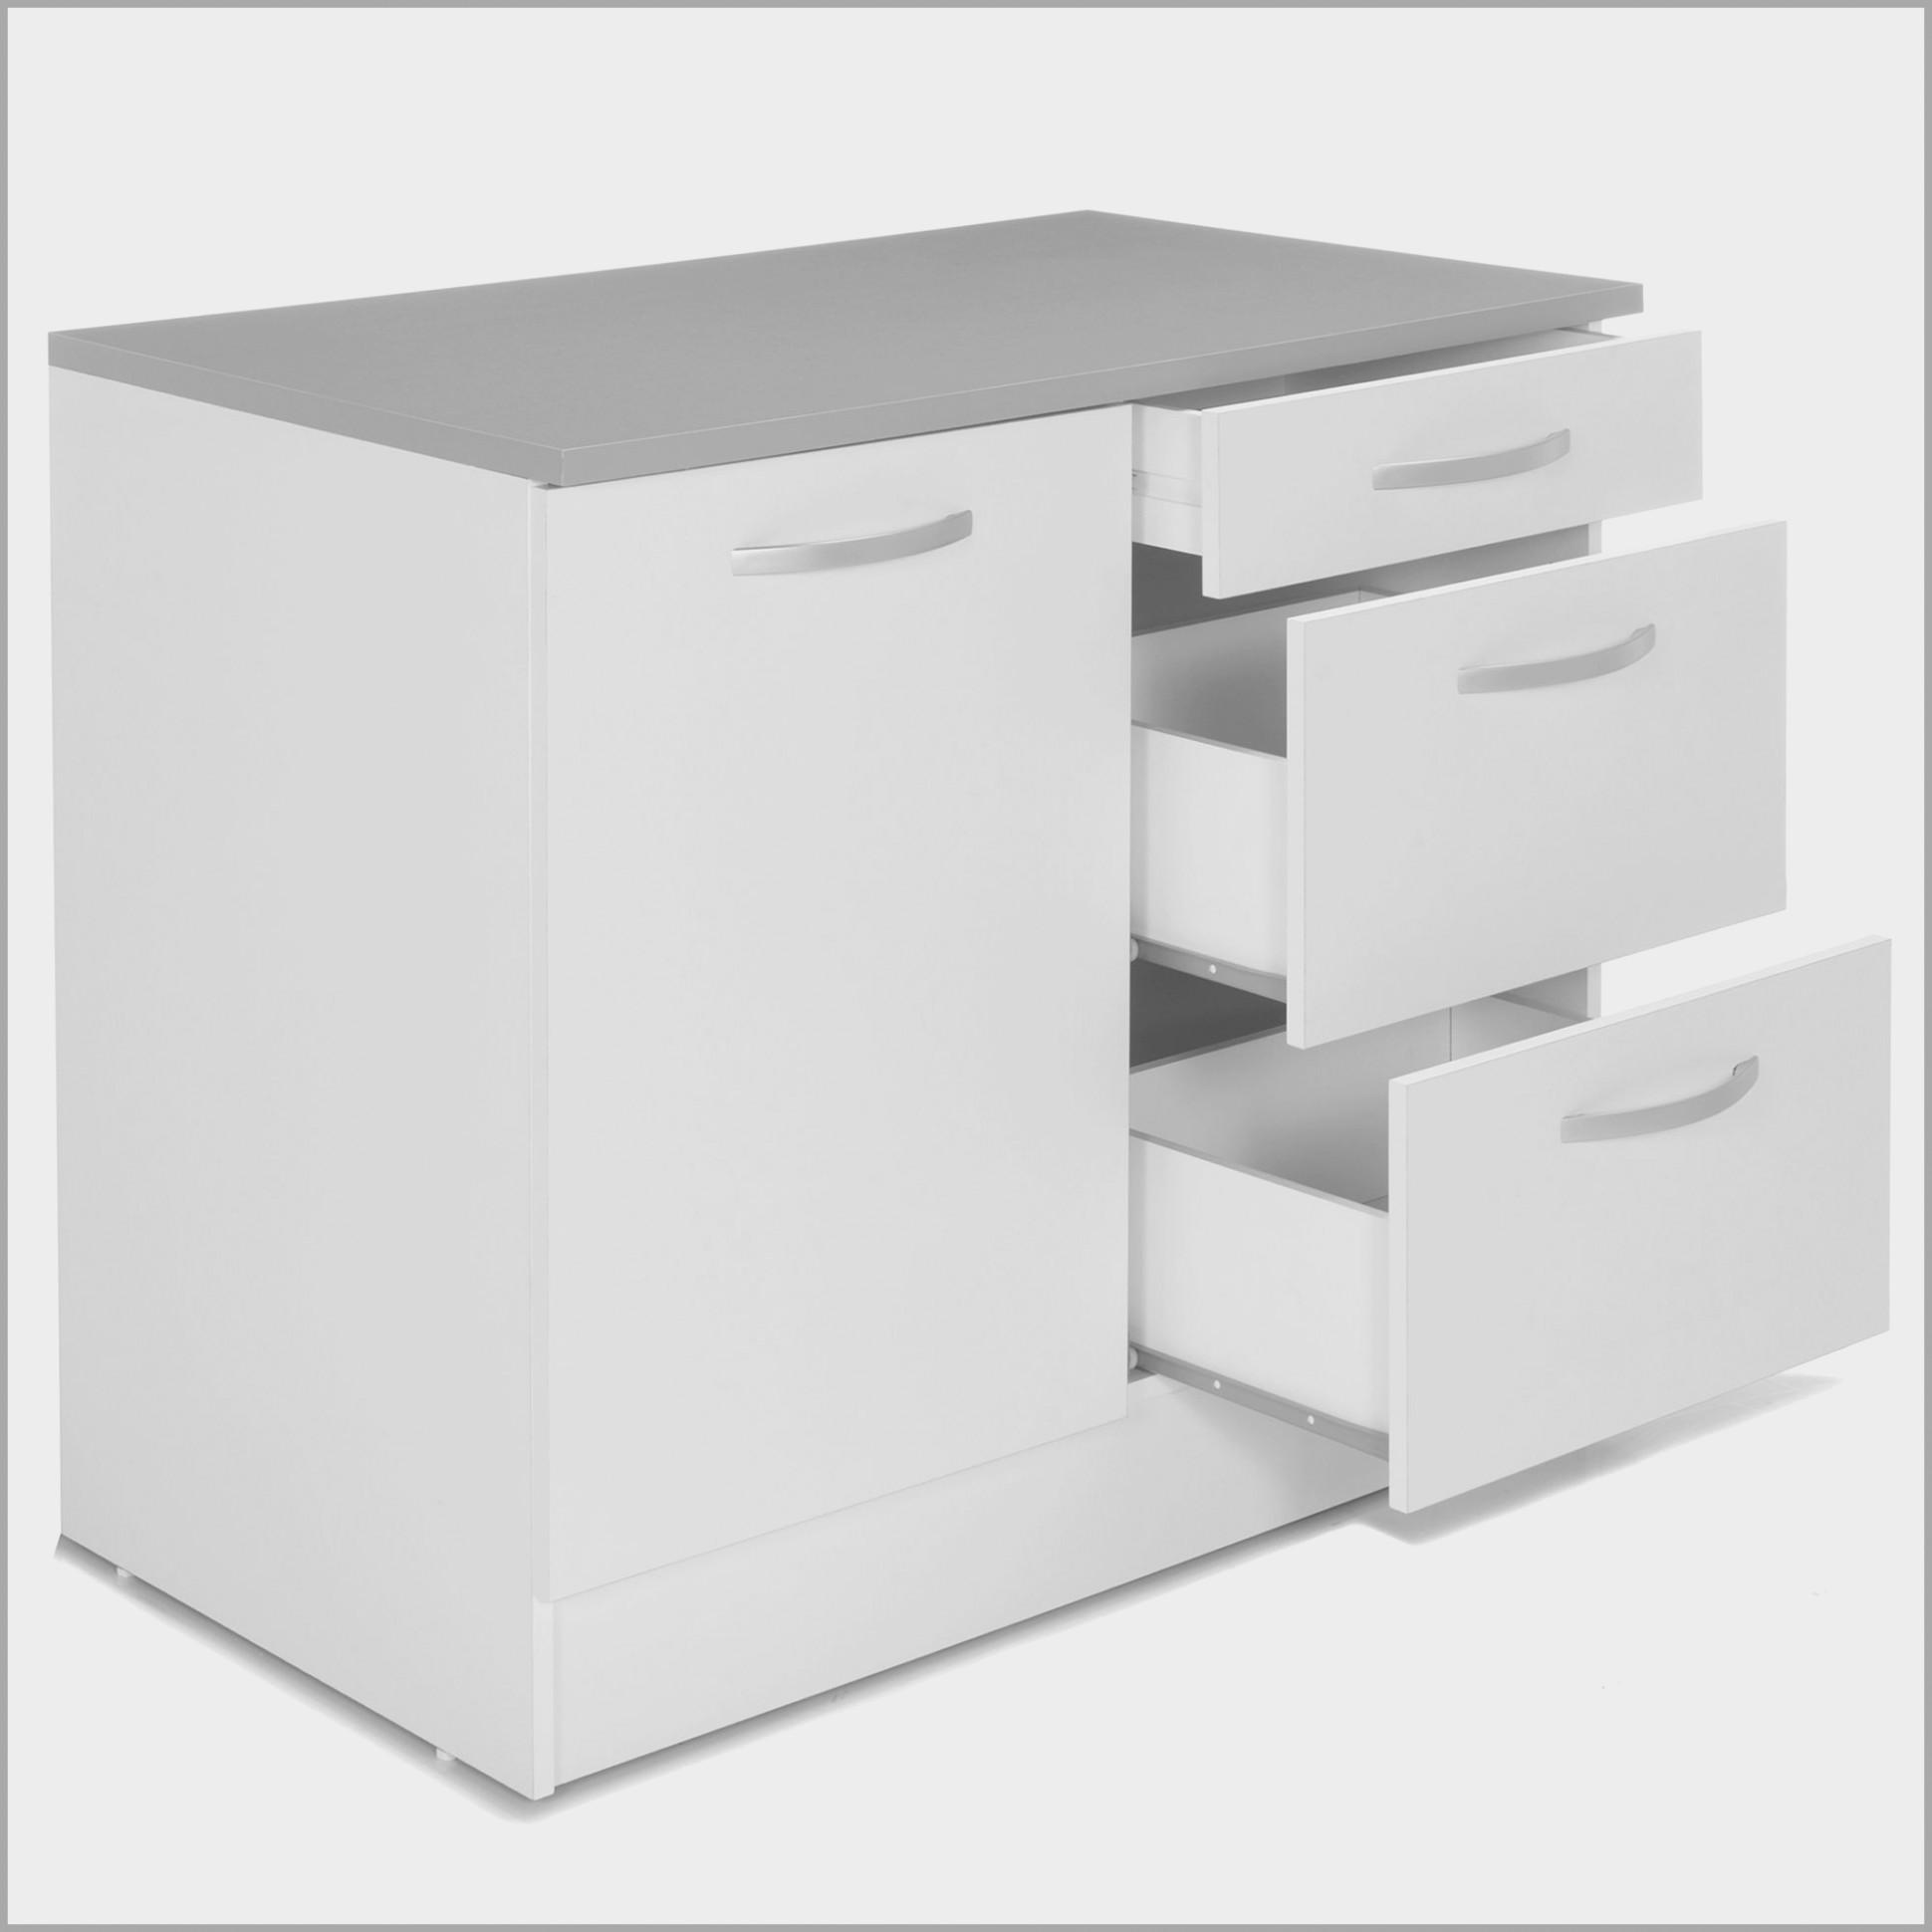 Caisson meuble sous evier ikea id es de travaux Ikea meuble sous evier cuisine